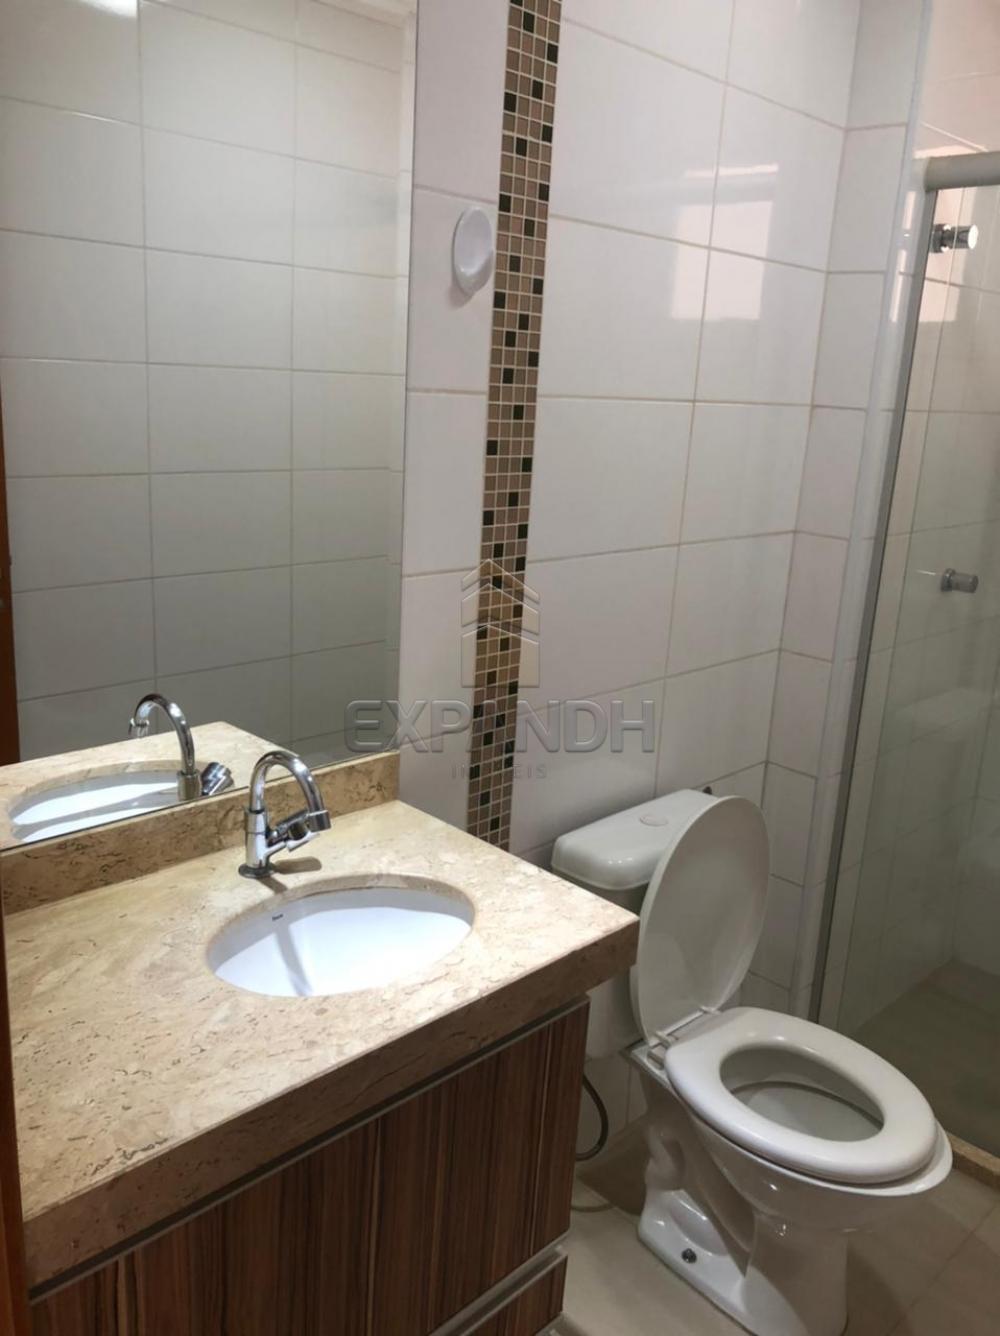 Alugar Apartamentos / Padrão em Sertãozinho apenas R$ 1.250,00 - Foto 12